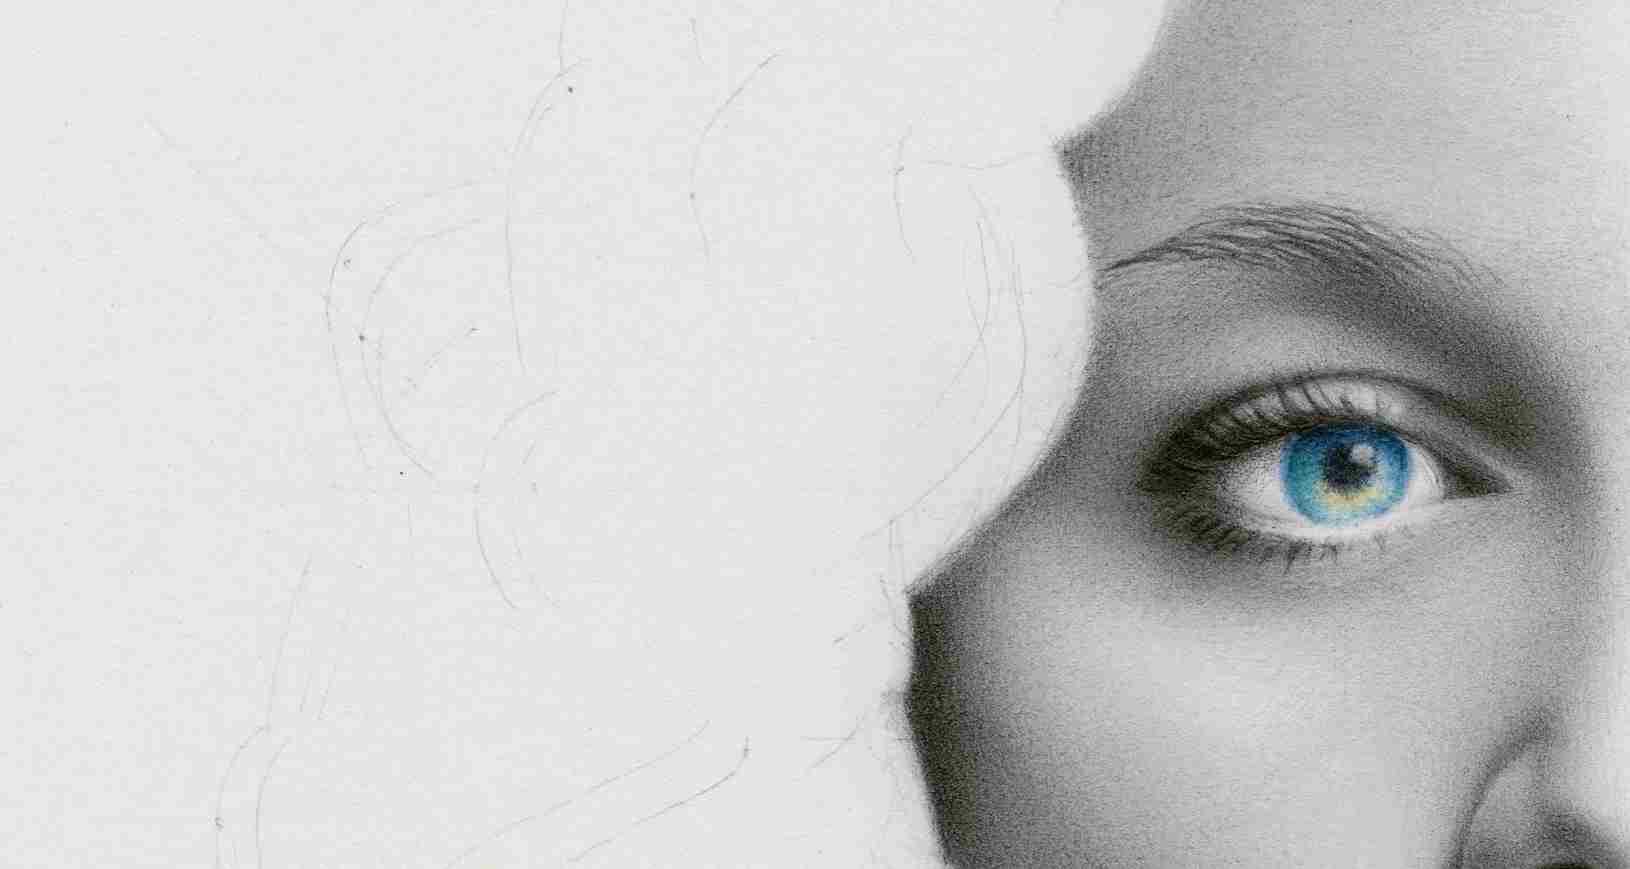 shading & stylization - Shading Stylization C08 02 06 - Shading & Stylization